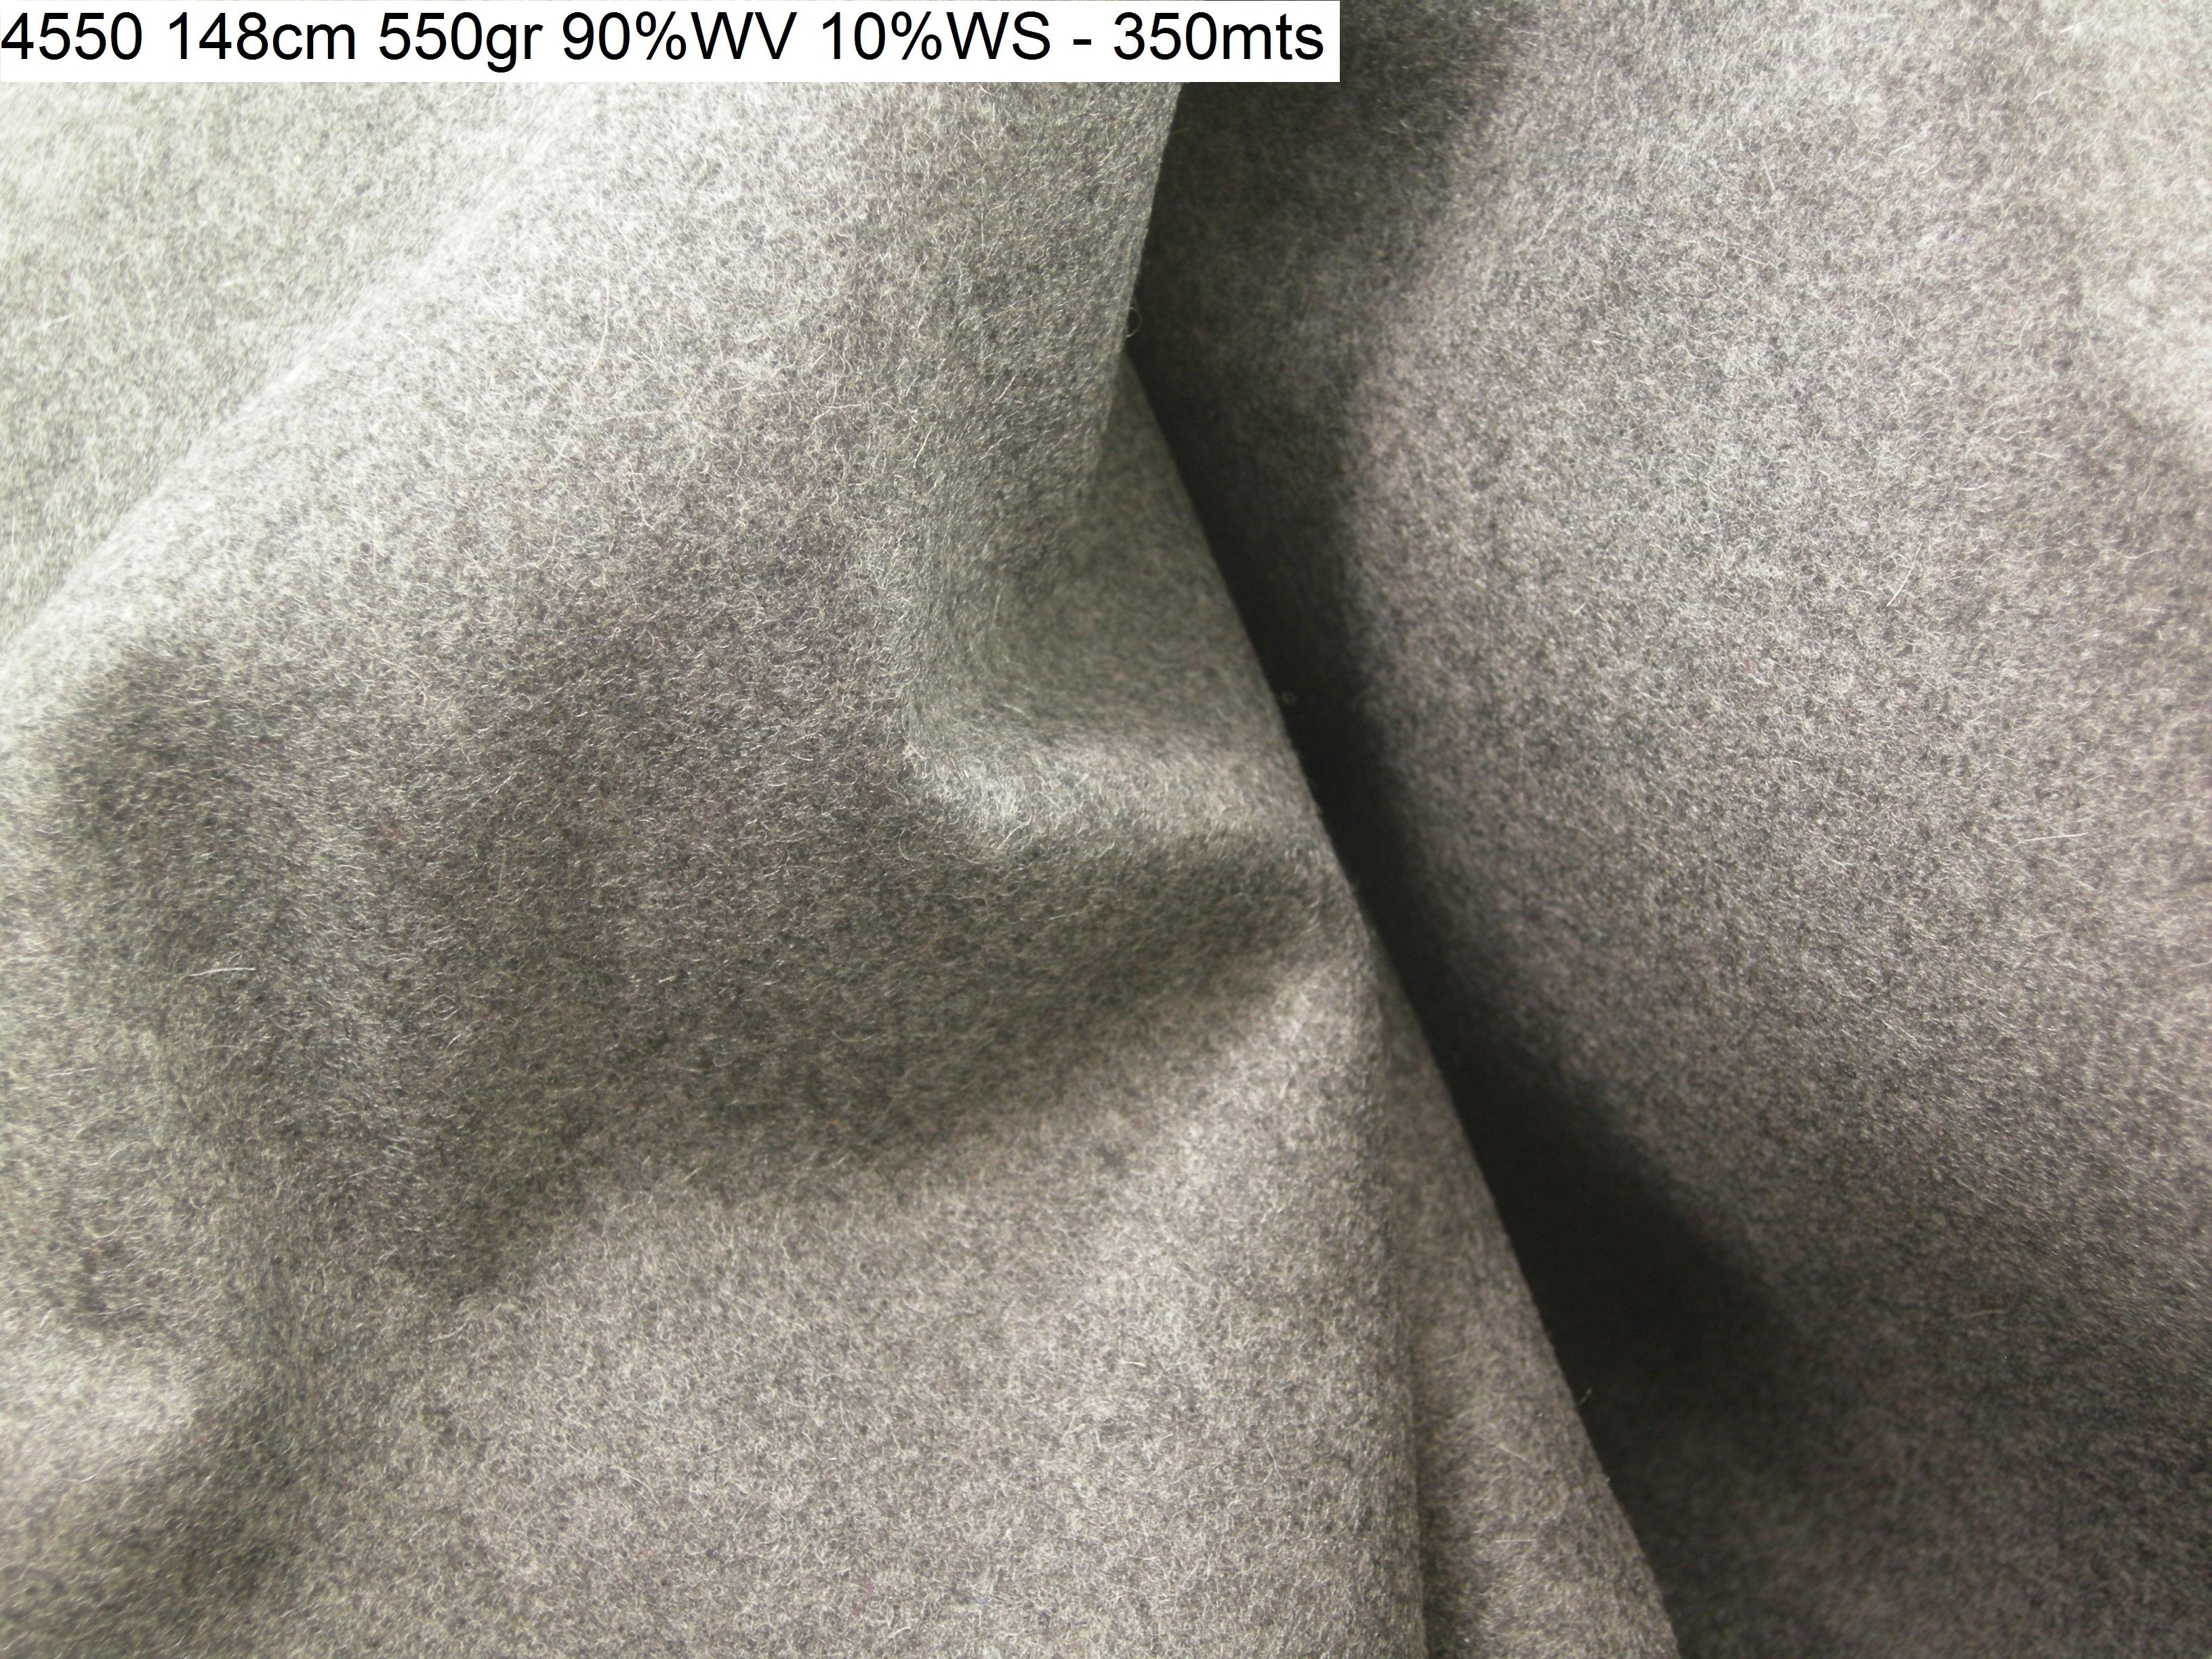 4550 cashmere blend melange grey coat fashion fabric